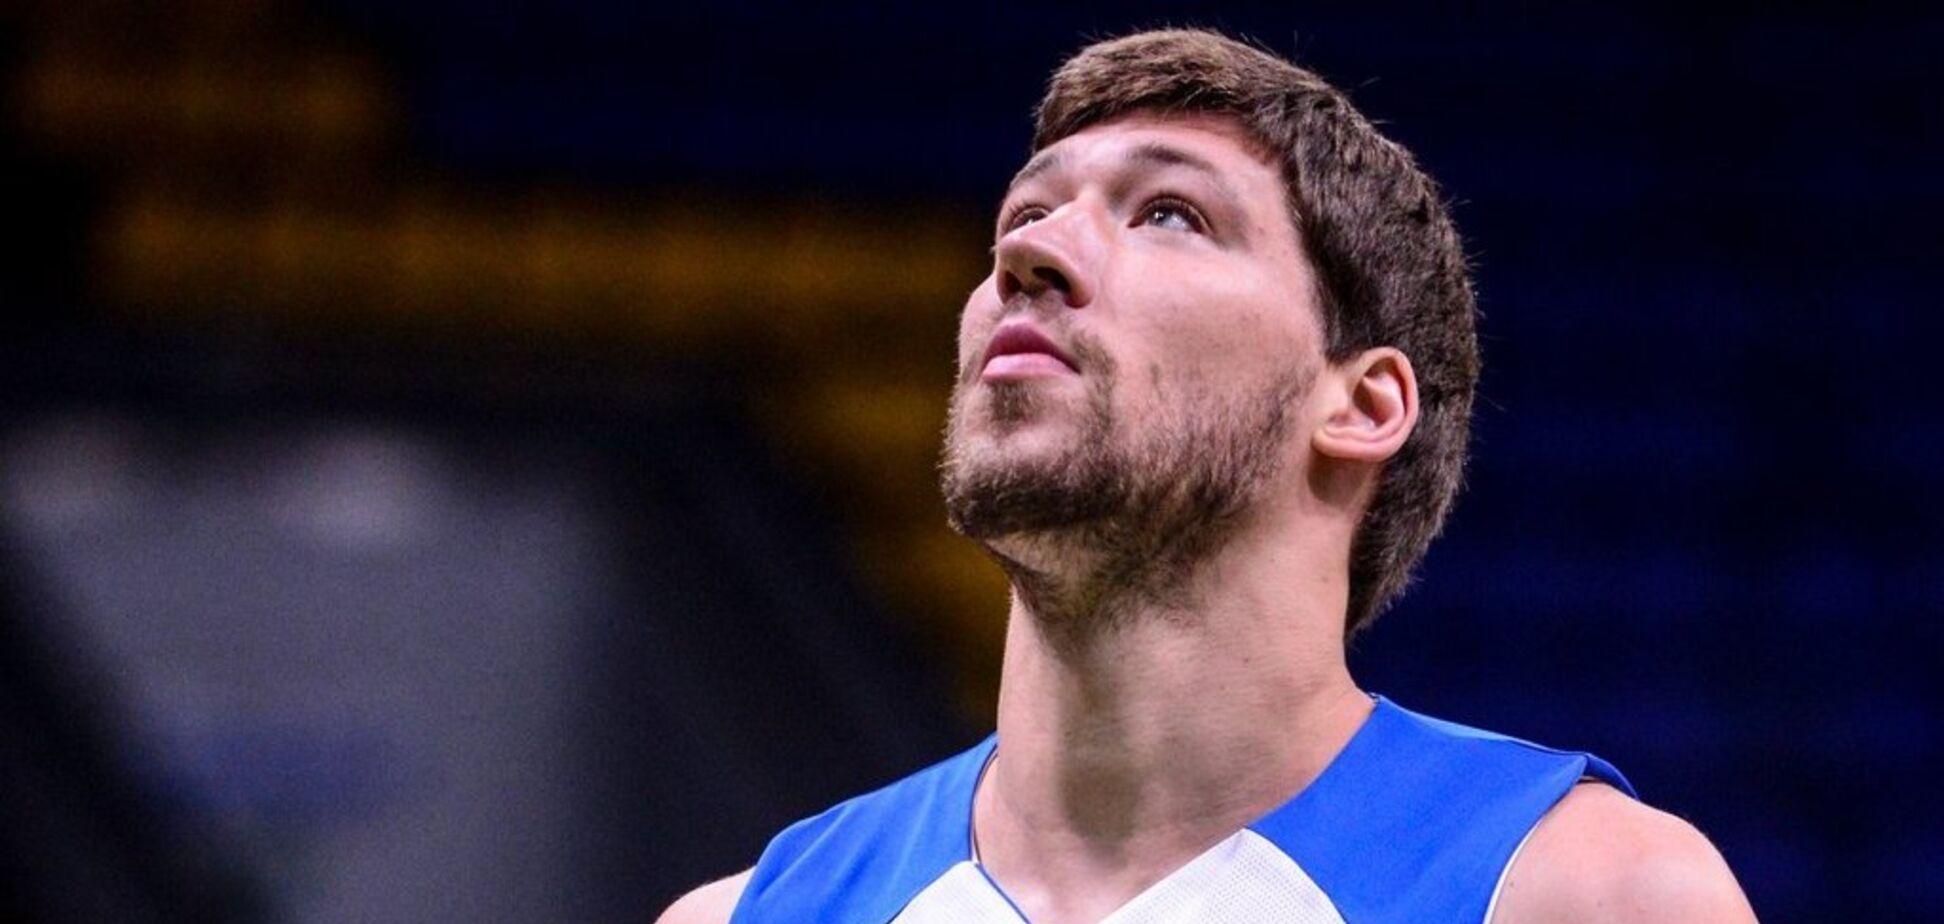 'Напряжение растет': капитан сборной Украины высказался о решающих матчах отбора на КМ по баскетболу